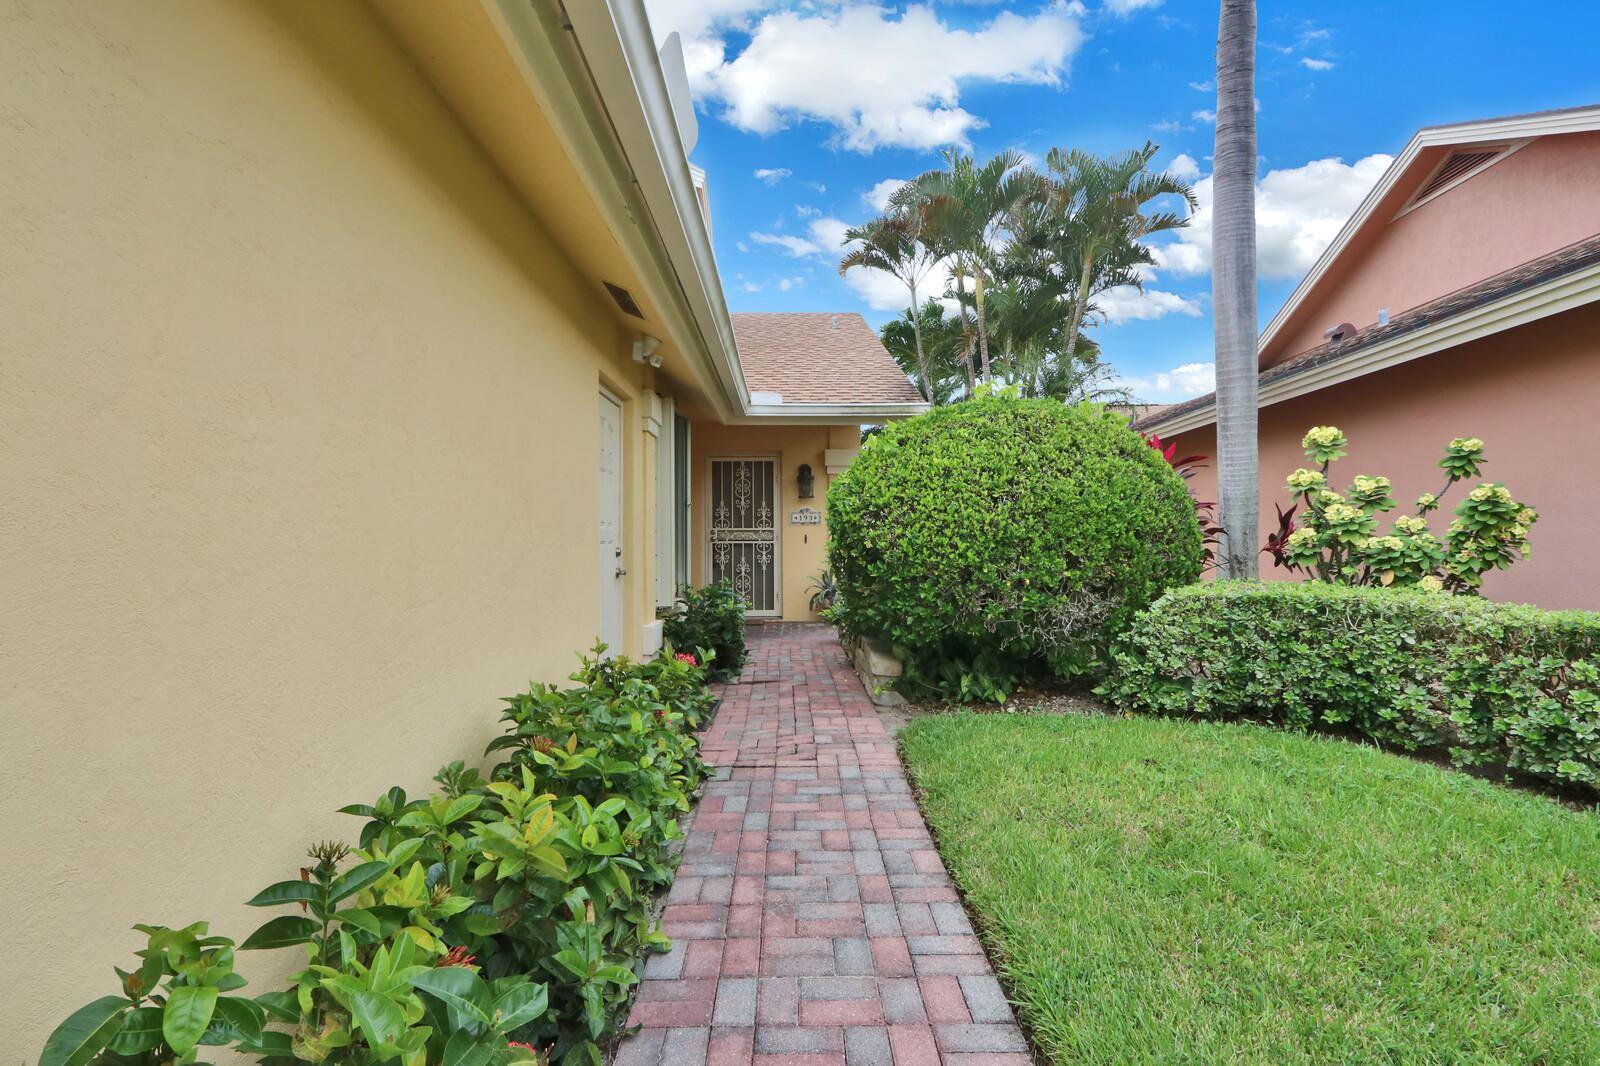 Photo of 193 Ridge Road, Jupiter, FL 33477 (MLS # RX-10670213)